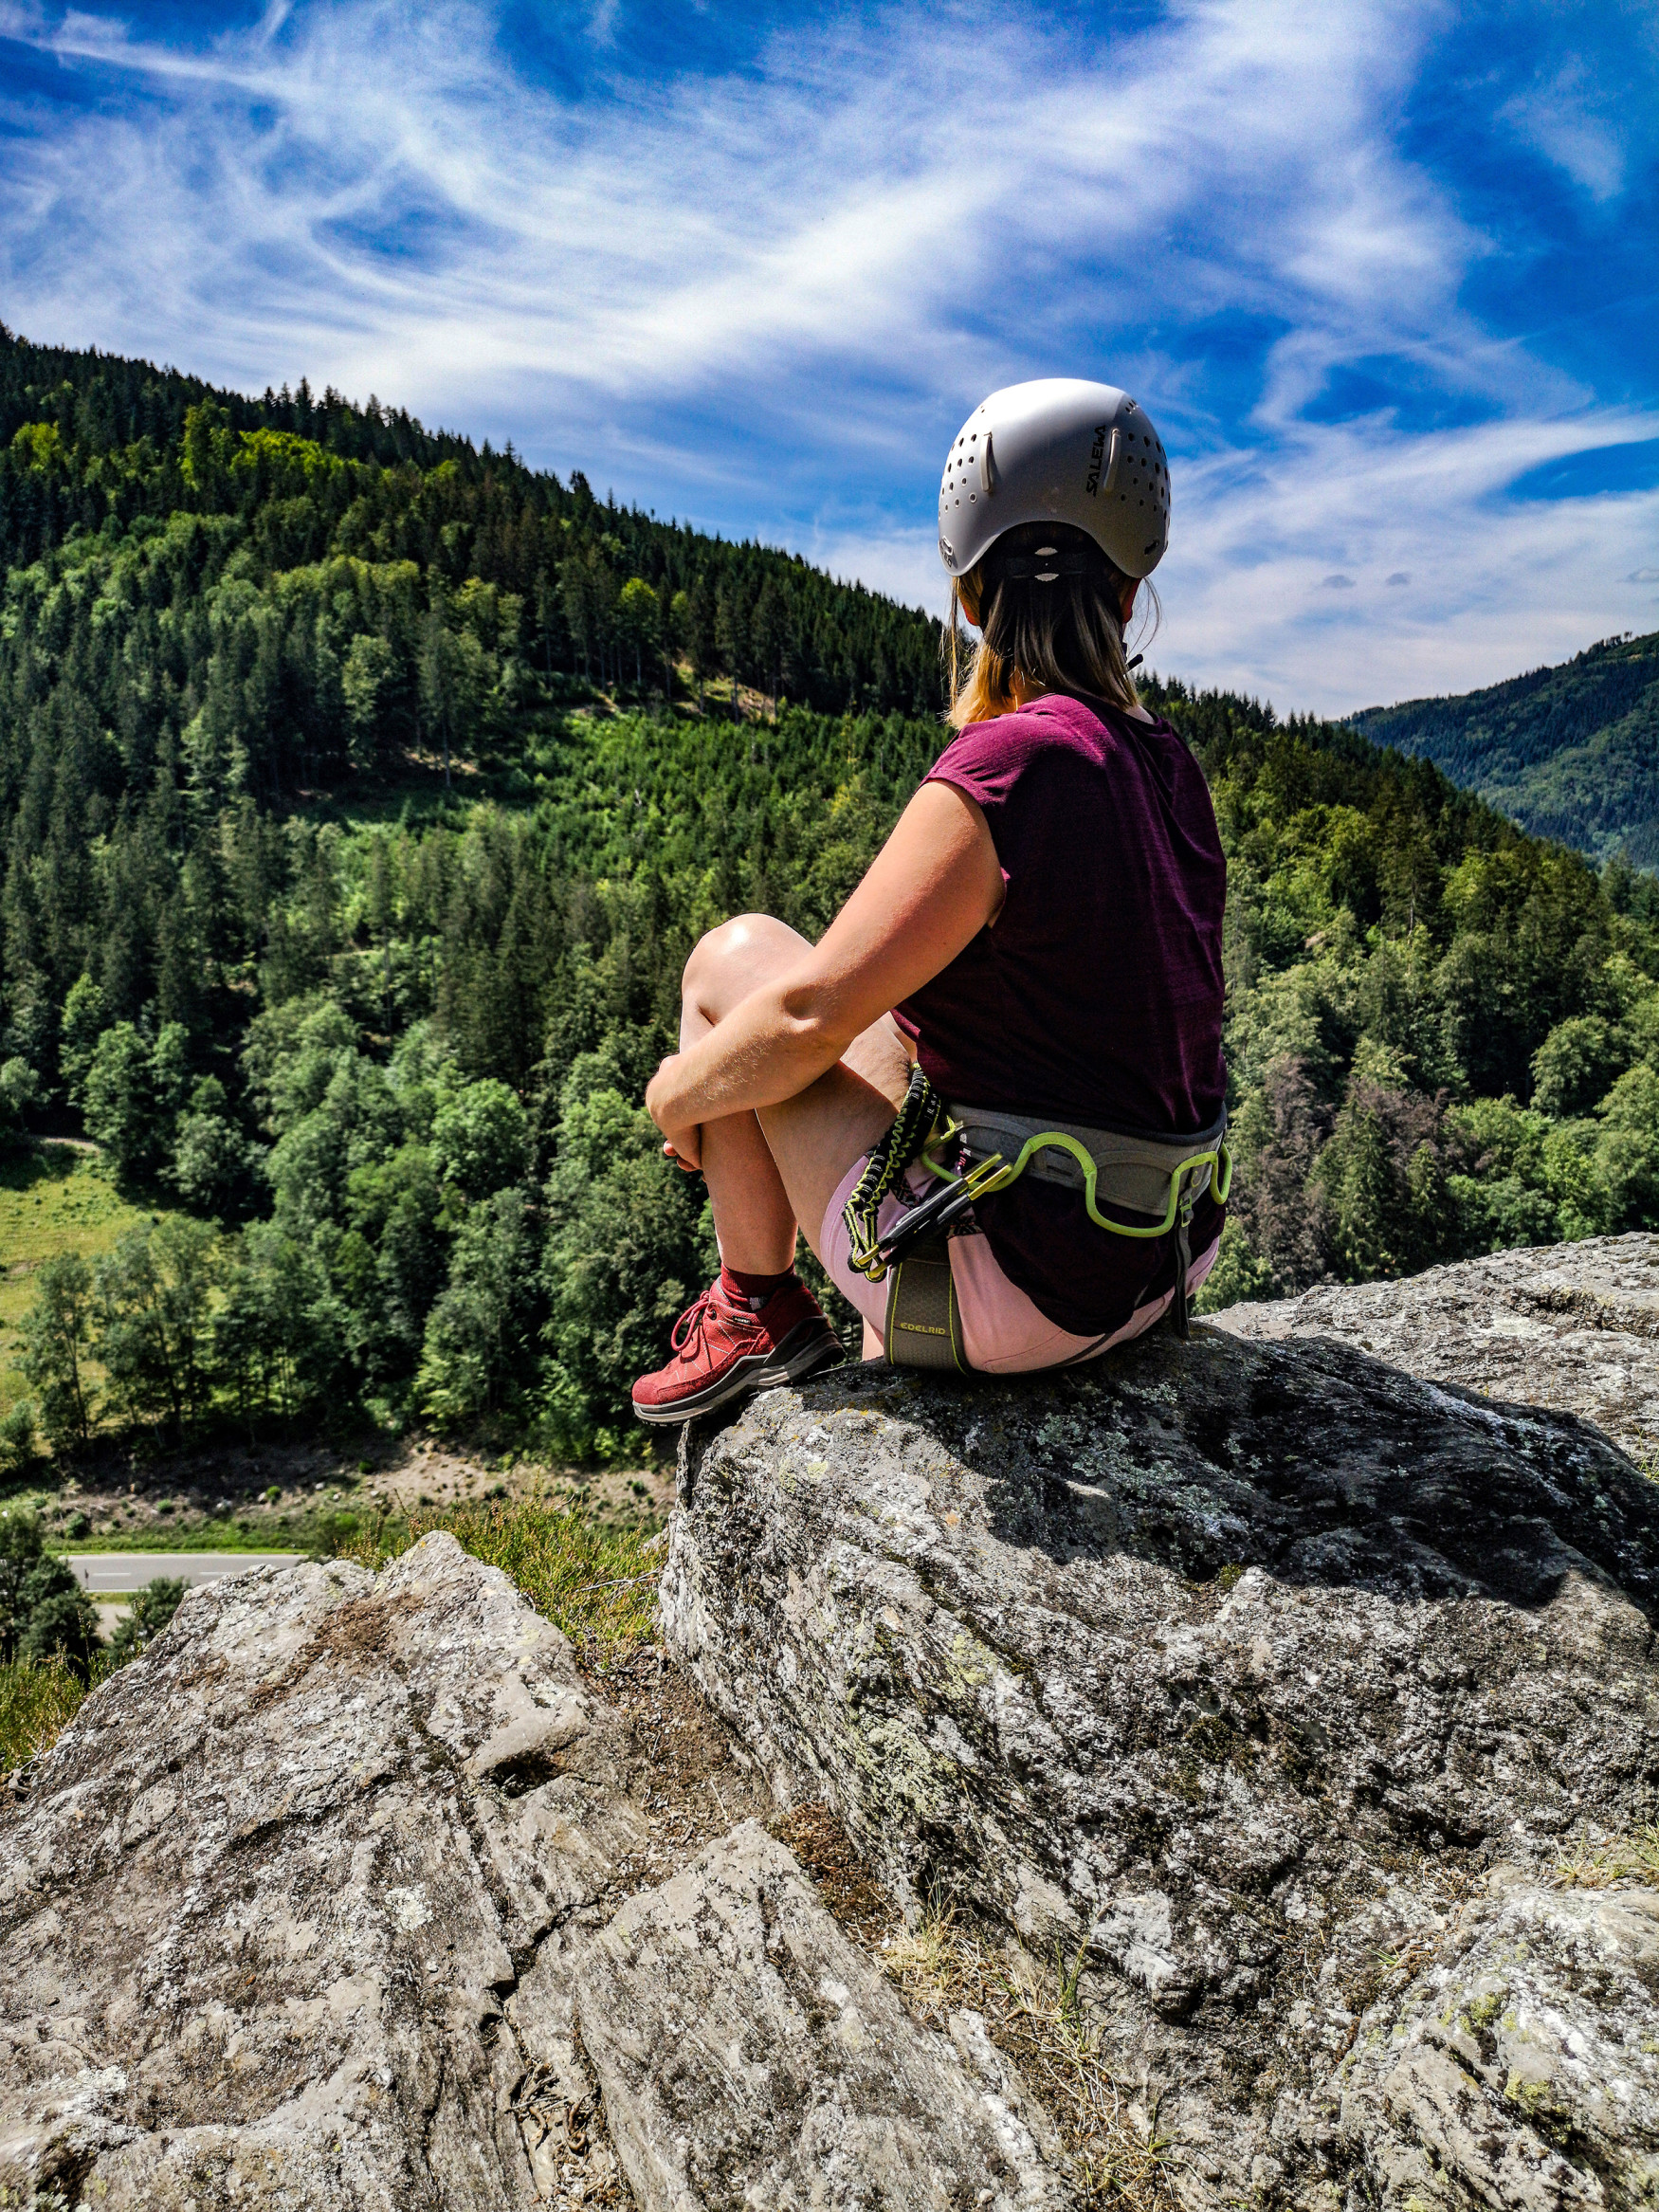 Wunderbar bequem, sportlich flexibel und multifunktional im Einsatz ist der neue TORO EVO GTX LO Ws von LOWA wie geschaffen für alltägliche Abenteuer. Egal ob nach Feierabend oder am Wochenende – die vielseitigen Outdoorschuhe sind so komfortabel und bequem, dass ein kurzer Spaziergang jederzeit spontan zur kleinen Wanderung ausgedehnt werden kann. Für optimalen Wetterschutz und beste Atmungsaktivität sorgt dabei die GORE-TEX-Membran.